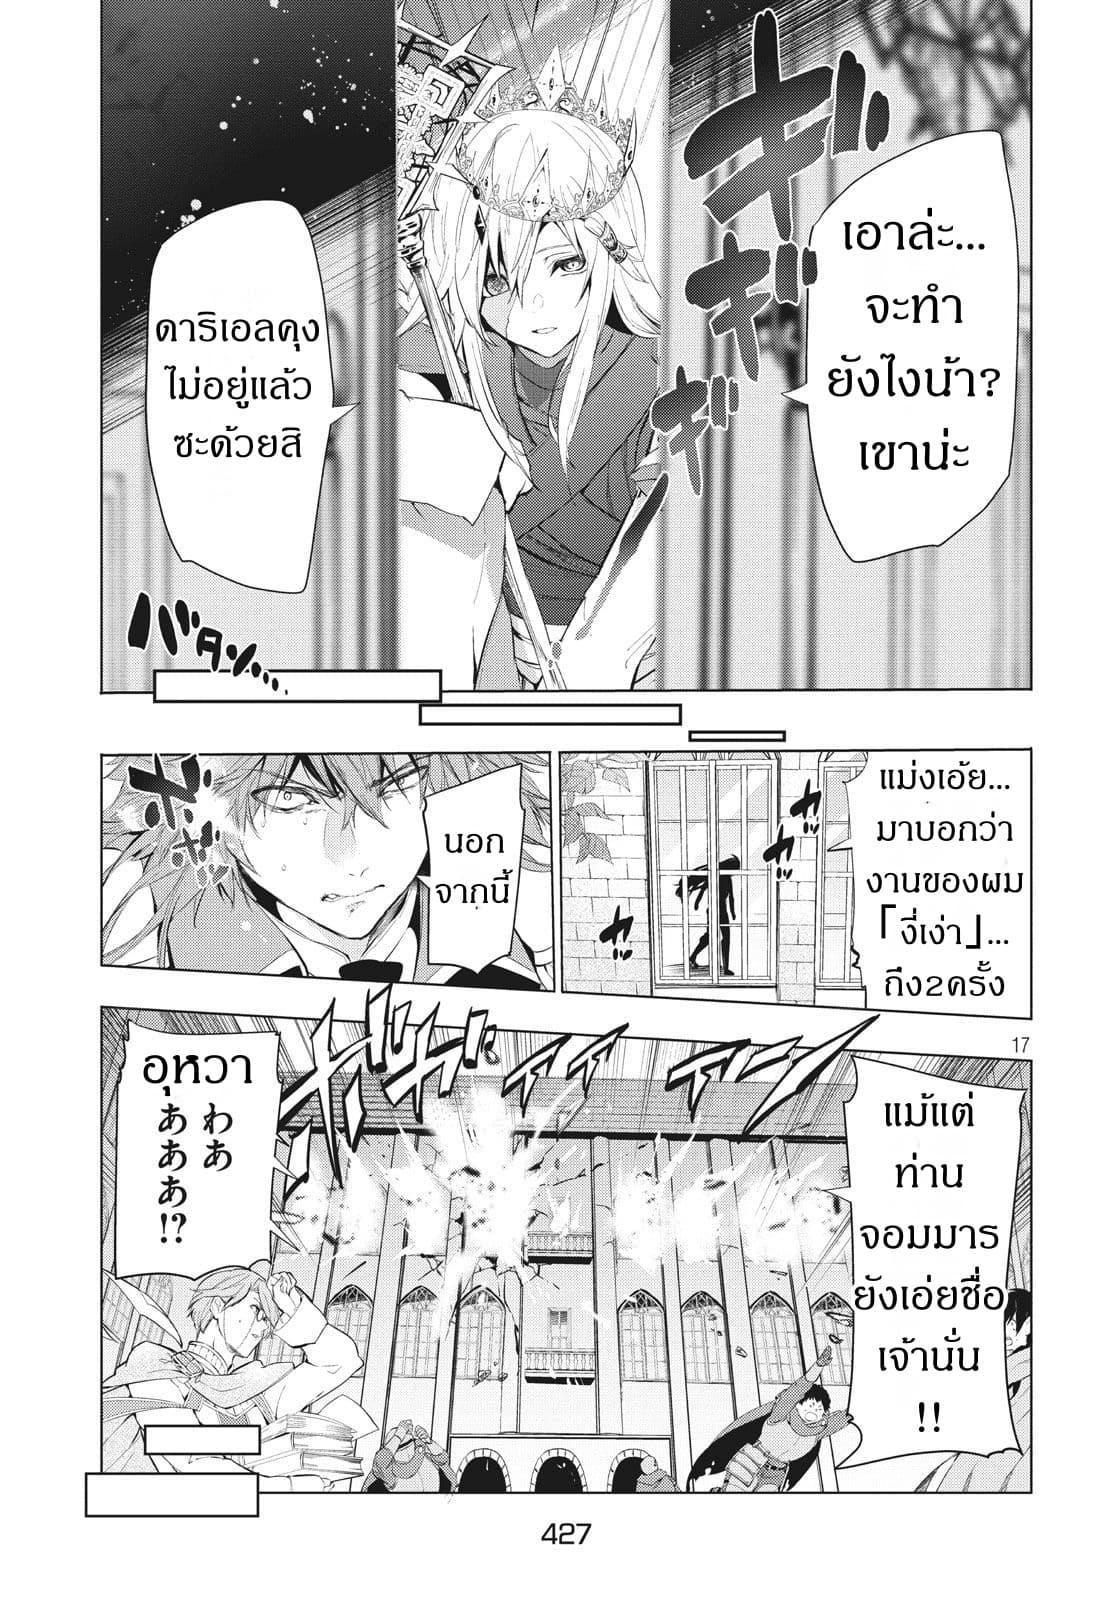 อ่านการ์ตูน Kaiko sareta Ankoku Heishi (30-dai) no Slow na Second ตอนที่ 7.1 หน้าที่ 16